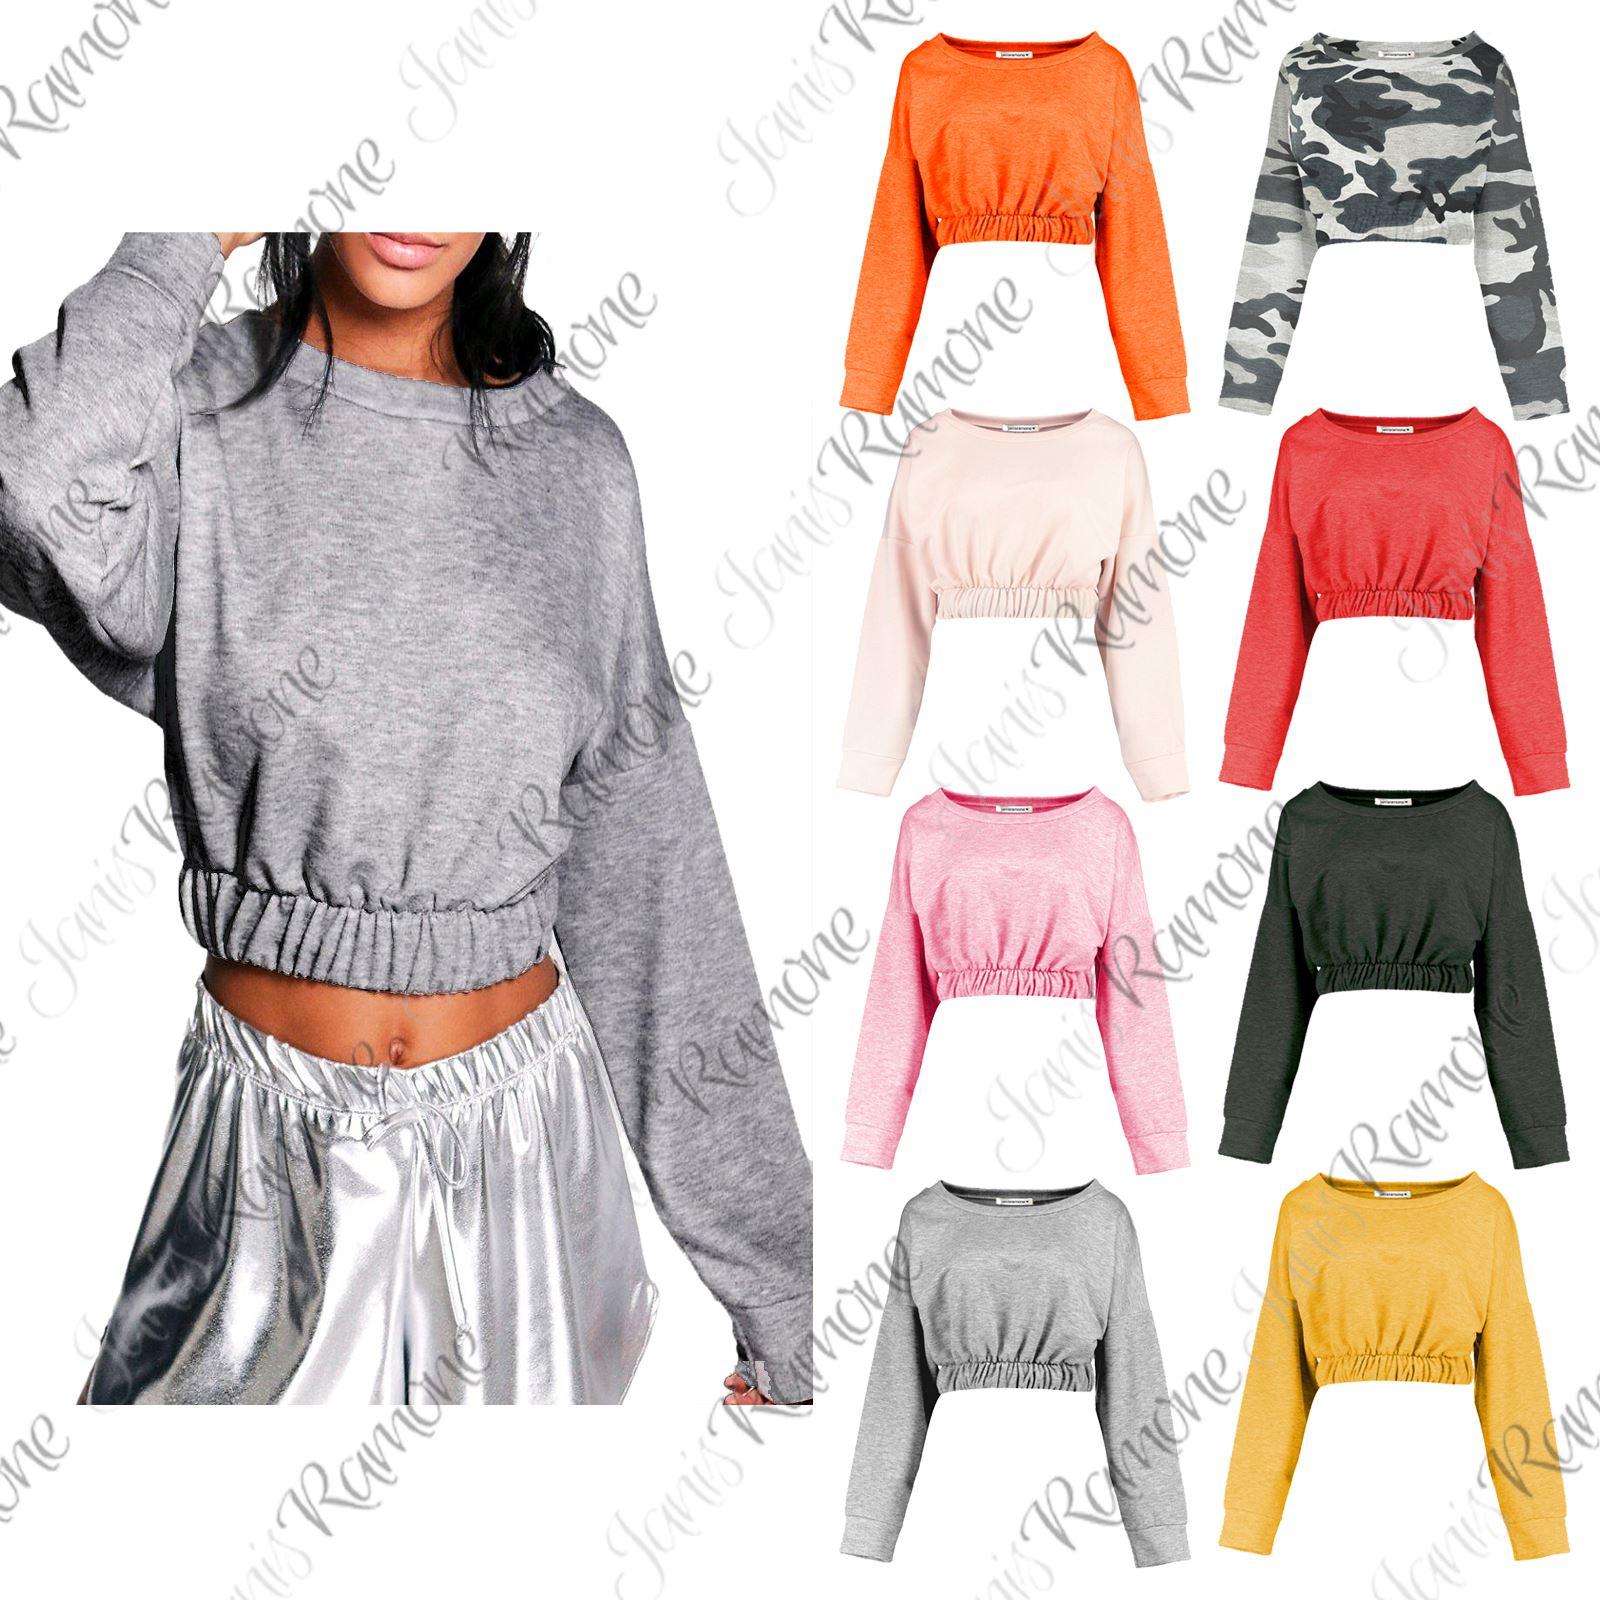 89061ce86617 Detalles de Nueva camiseta para mujer cenefa Elástica Manga Larga Top Corto  Jumper Pullover Sudadera Corto- ver título original